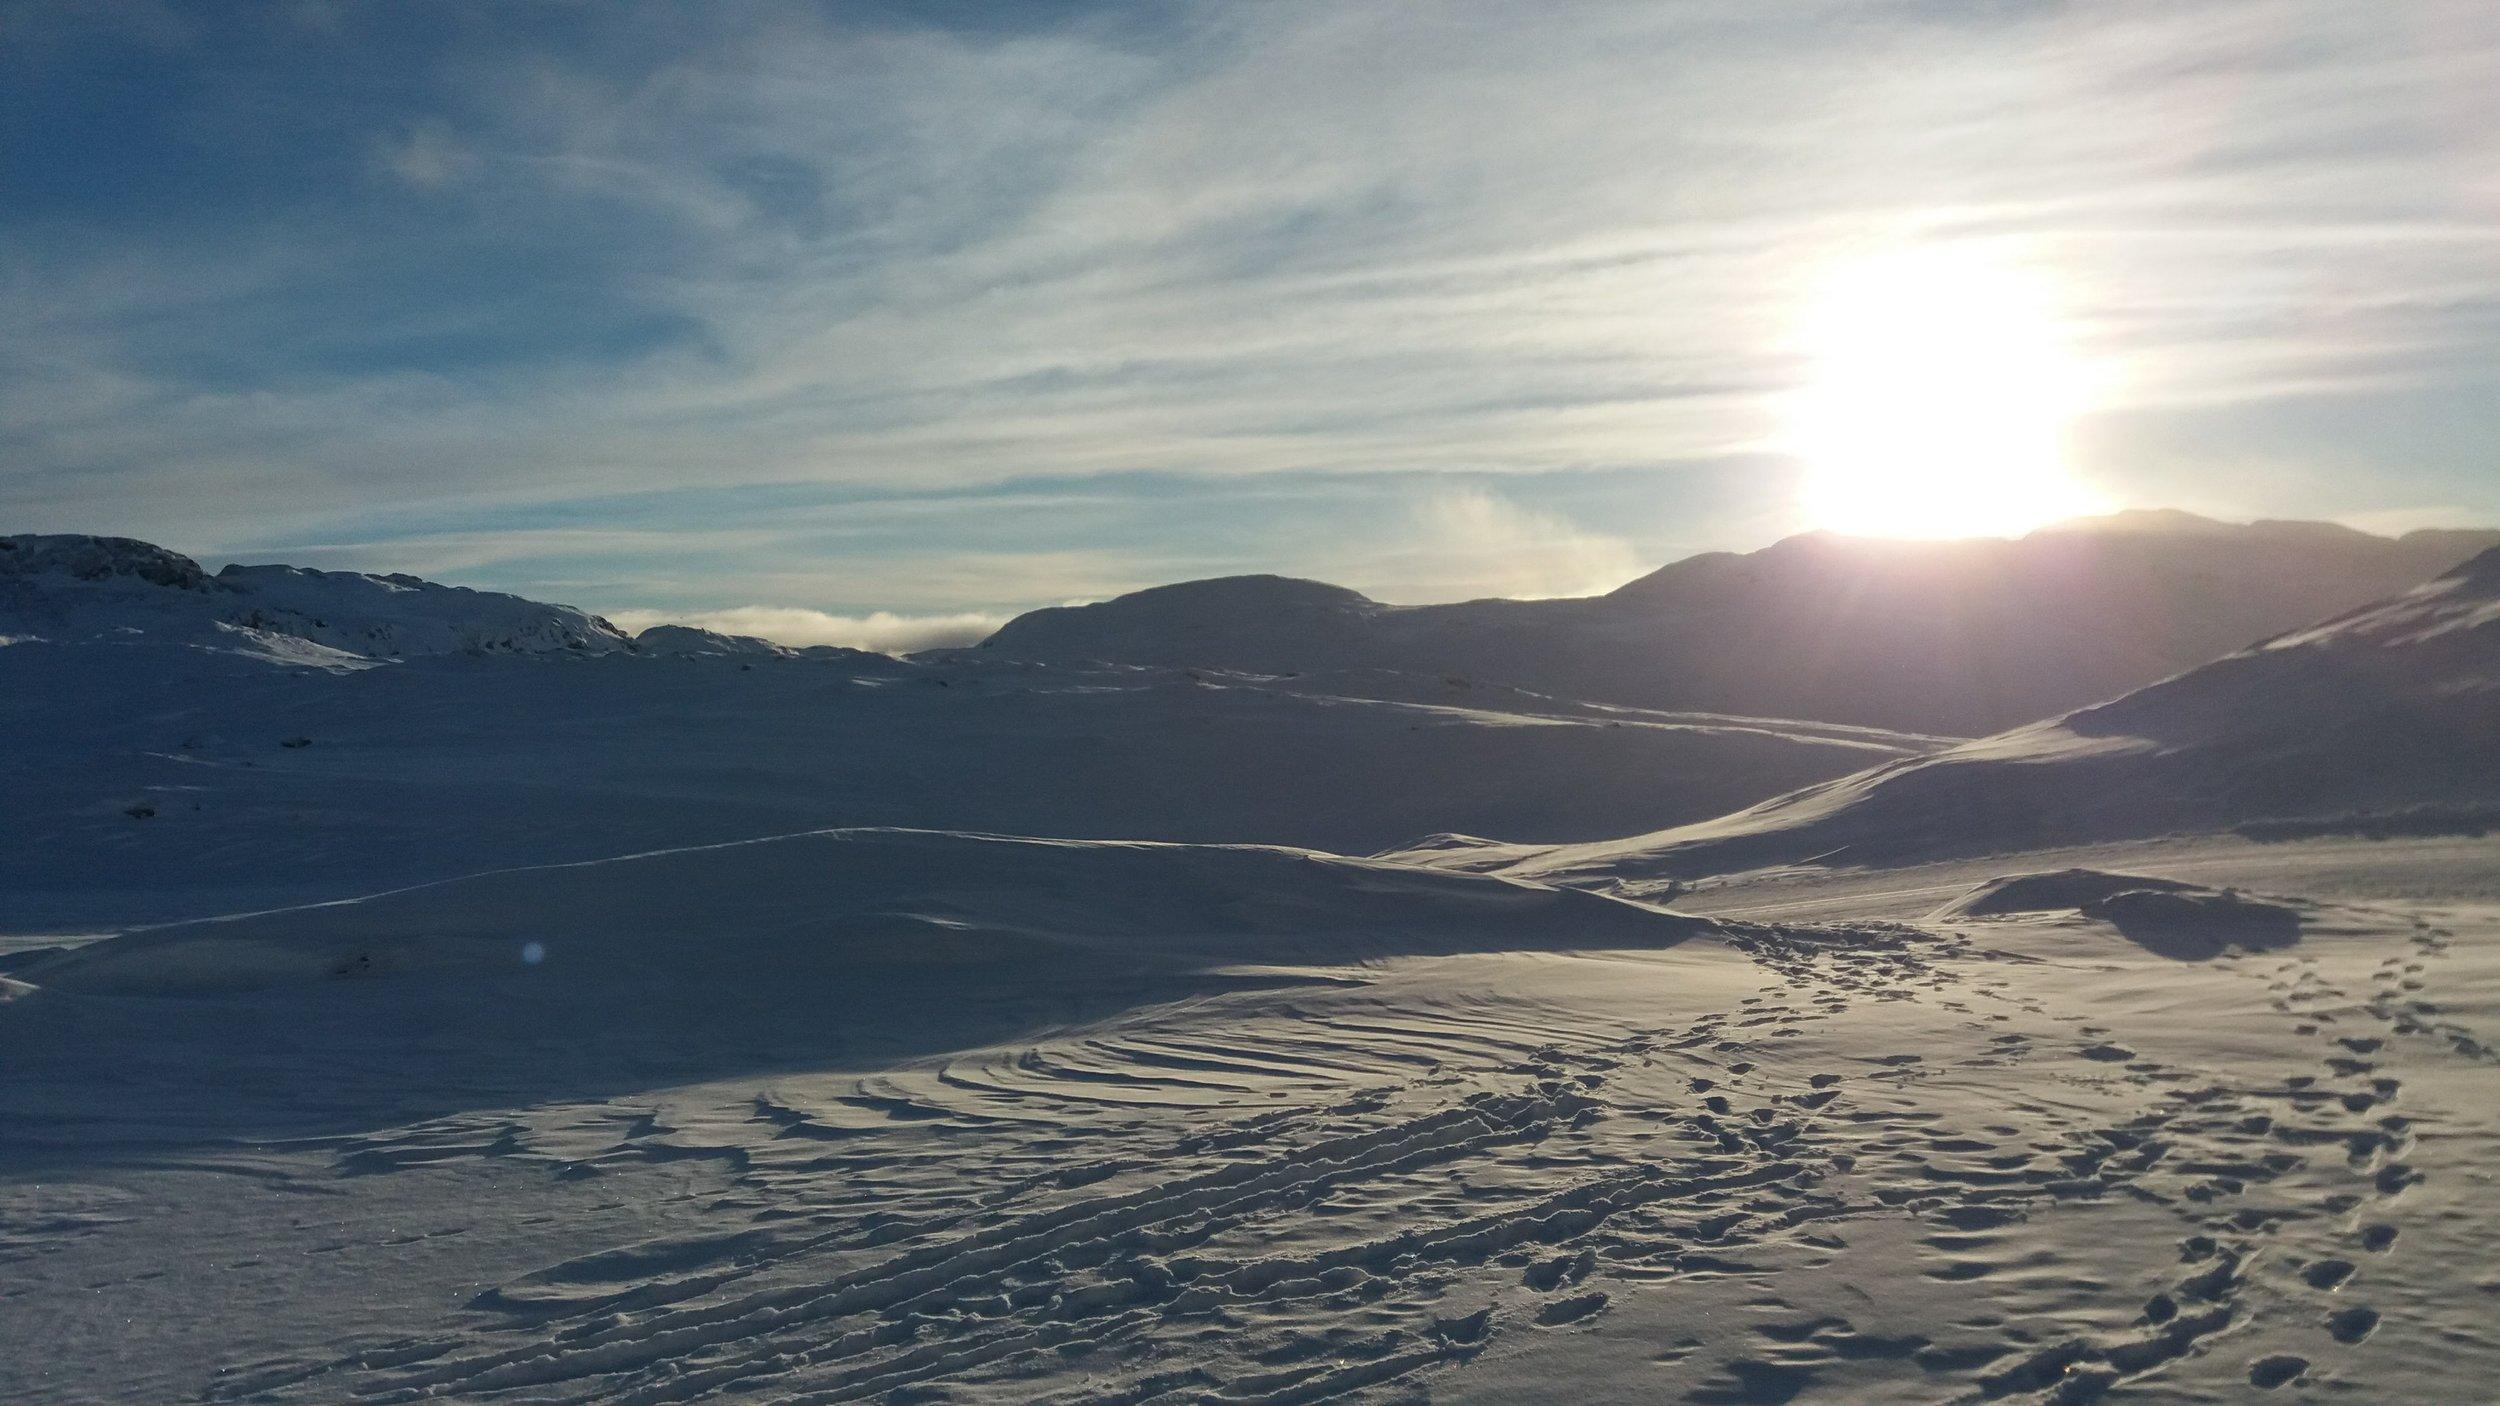 - Kære dig, som selv er begyndt at tænke lidt med, når KFS igen og igen har nævnt Grønland. Måske drømmer du selv om at rejse til Grønland, måske vil du bare gerne vide mere om, hvad det er for et vildt projekt KFS har kastet sig ud i.